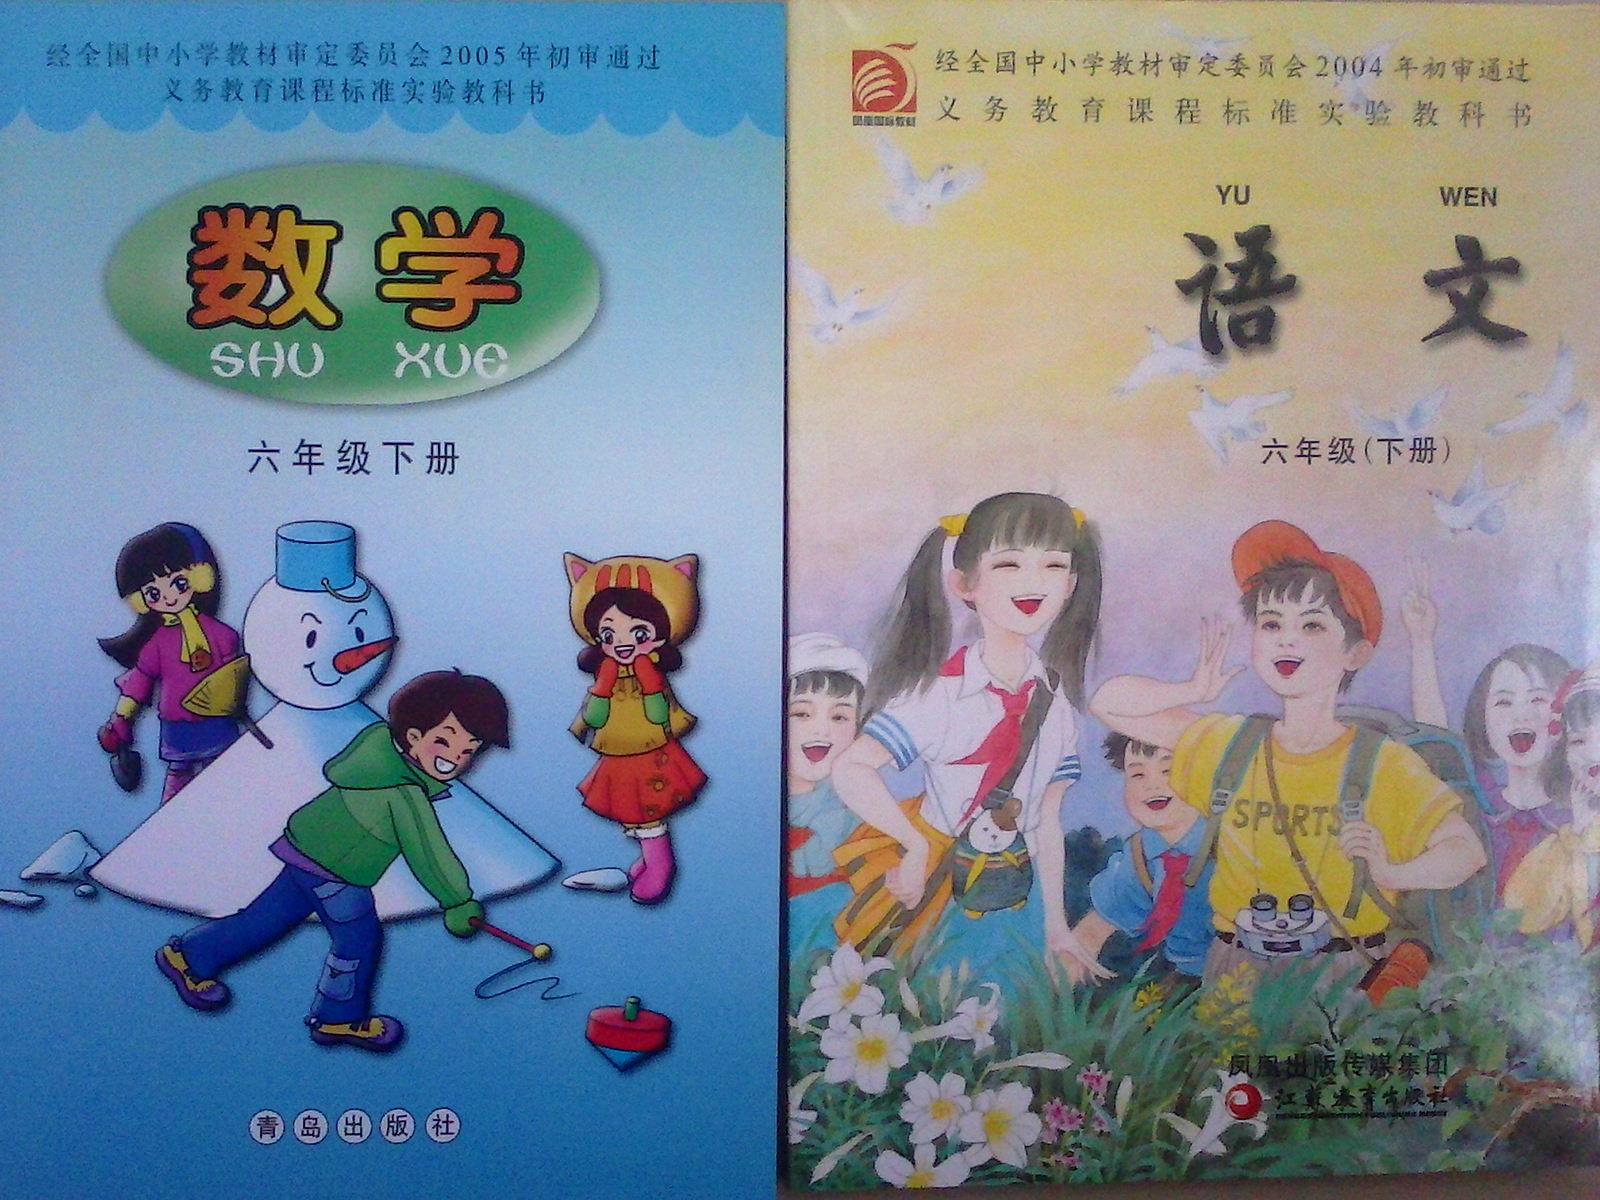 正版 苏教版6六年级下册语文数学书 课本教科书 6年级语数下册